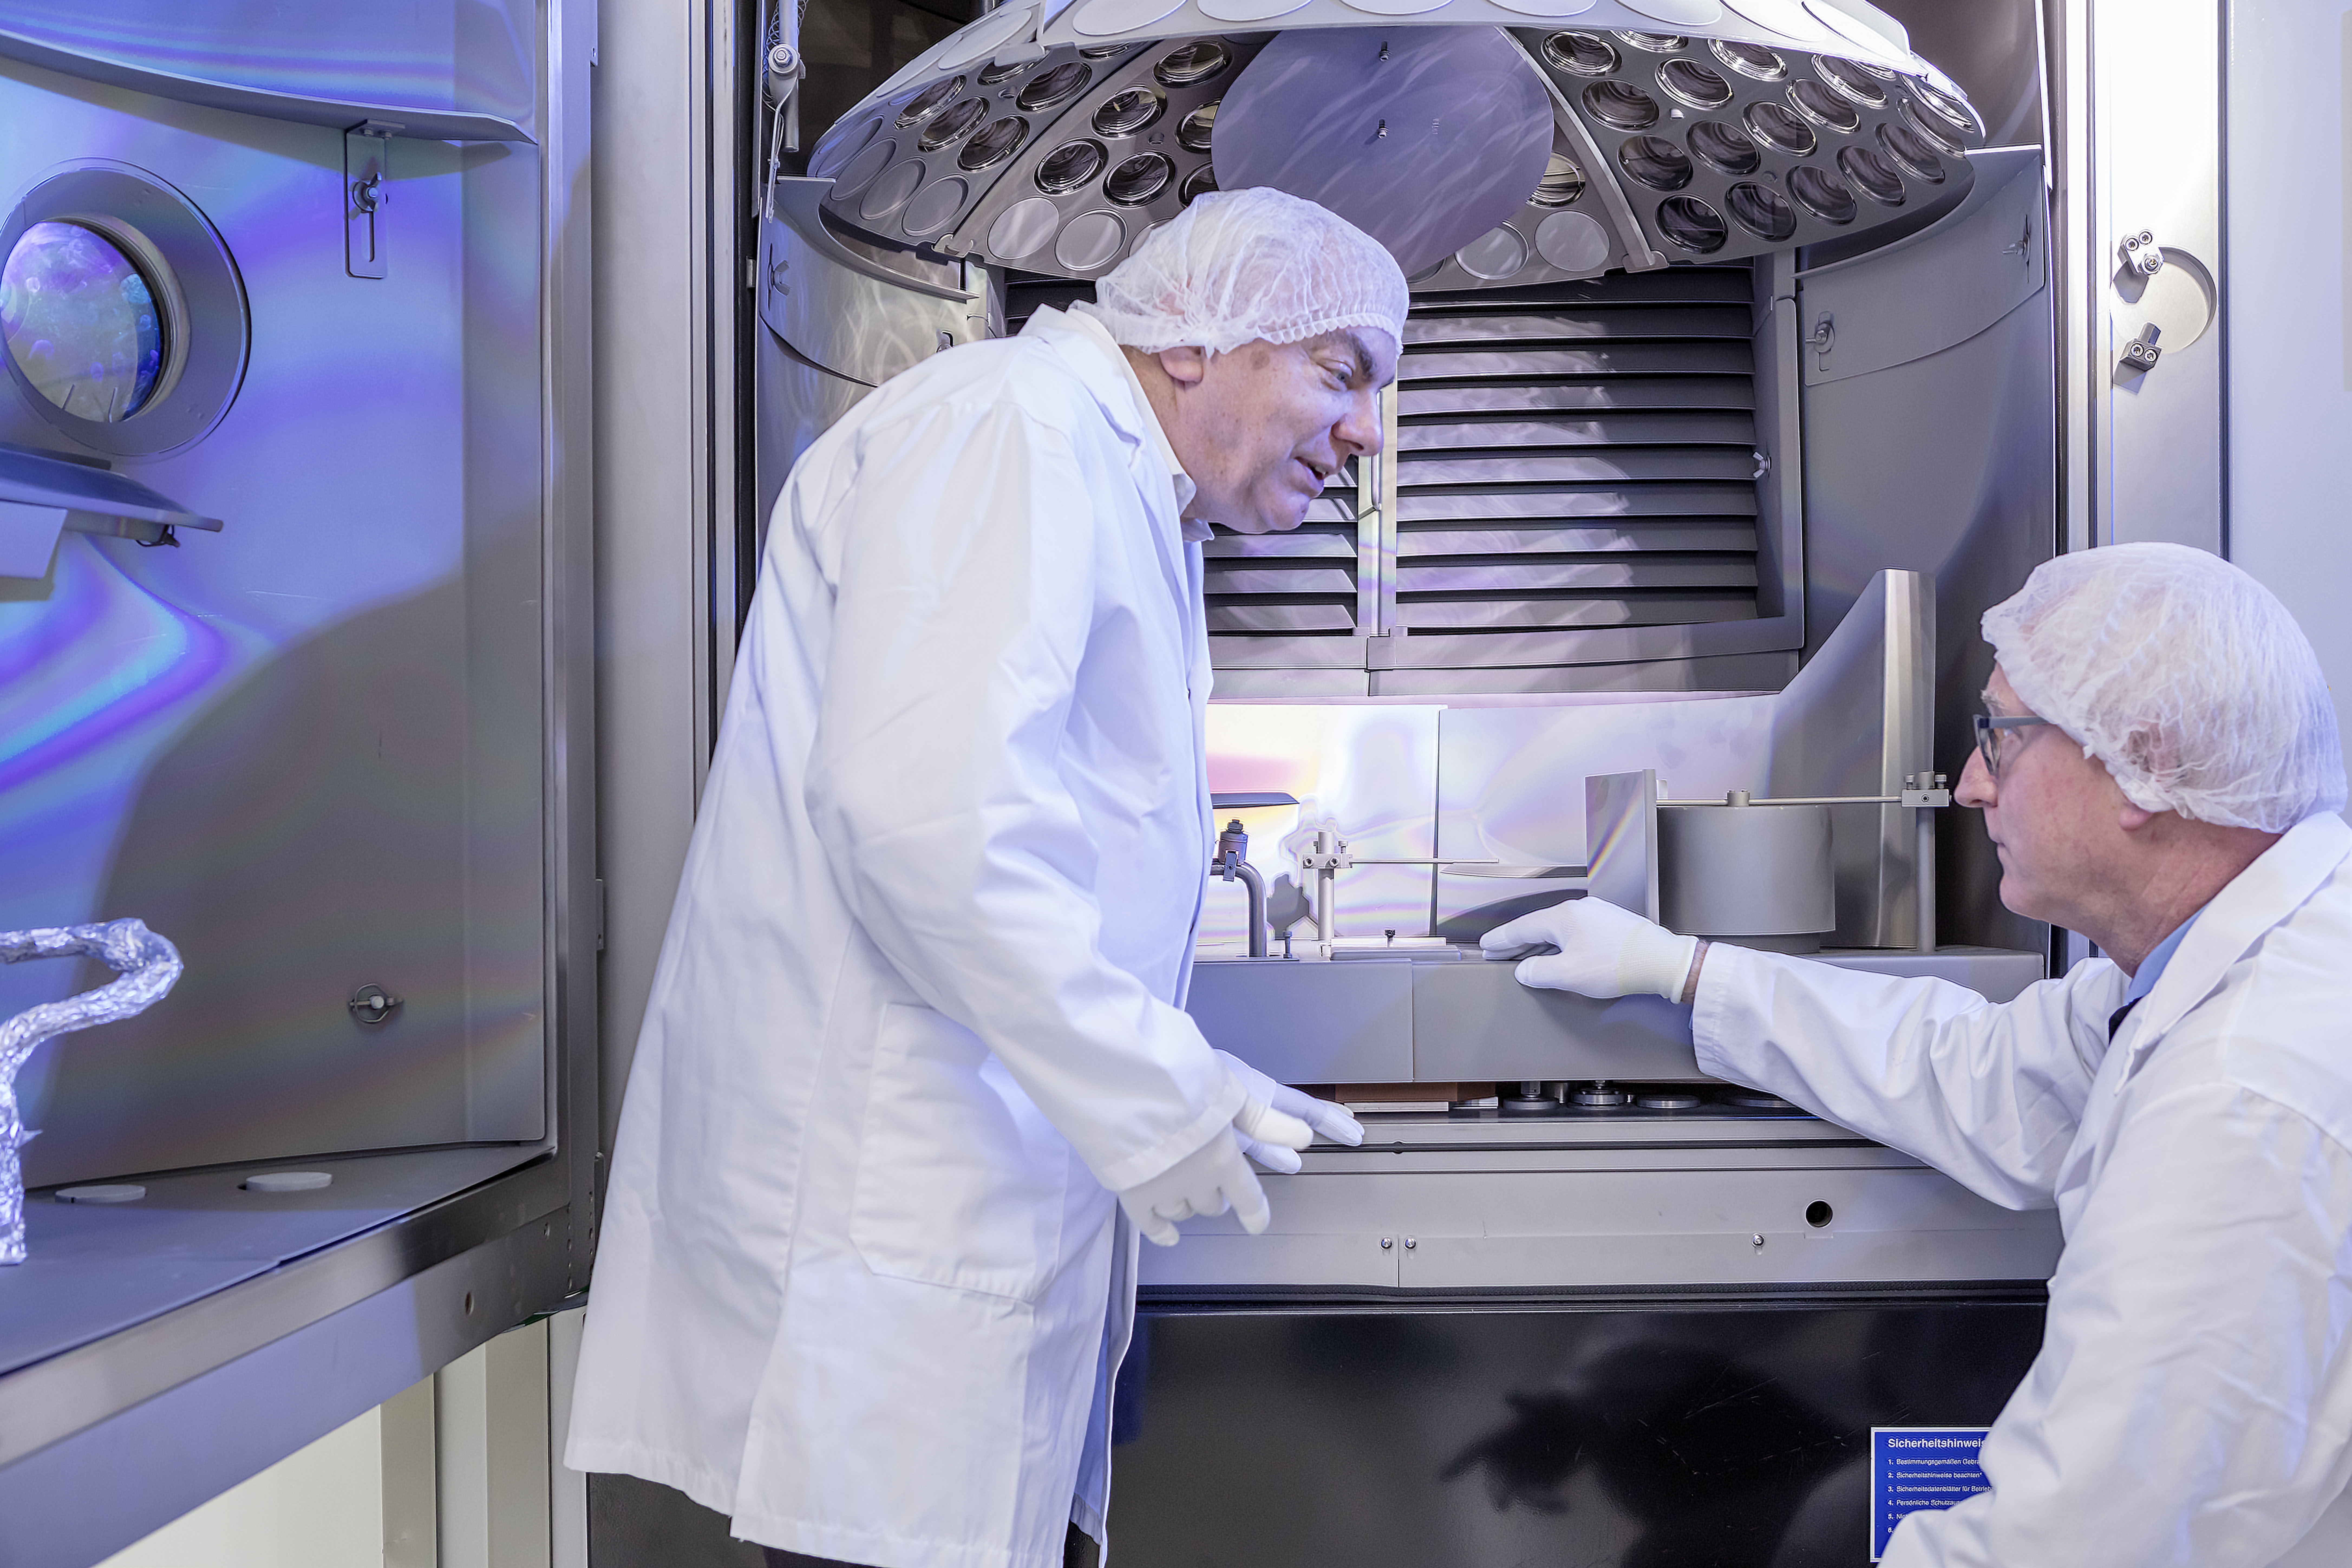 布勒镀膜专家 Karl Matl 与 ZEISS 研究员 Markus Baidl 合作,共同开发先进的镀膜工艺。